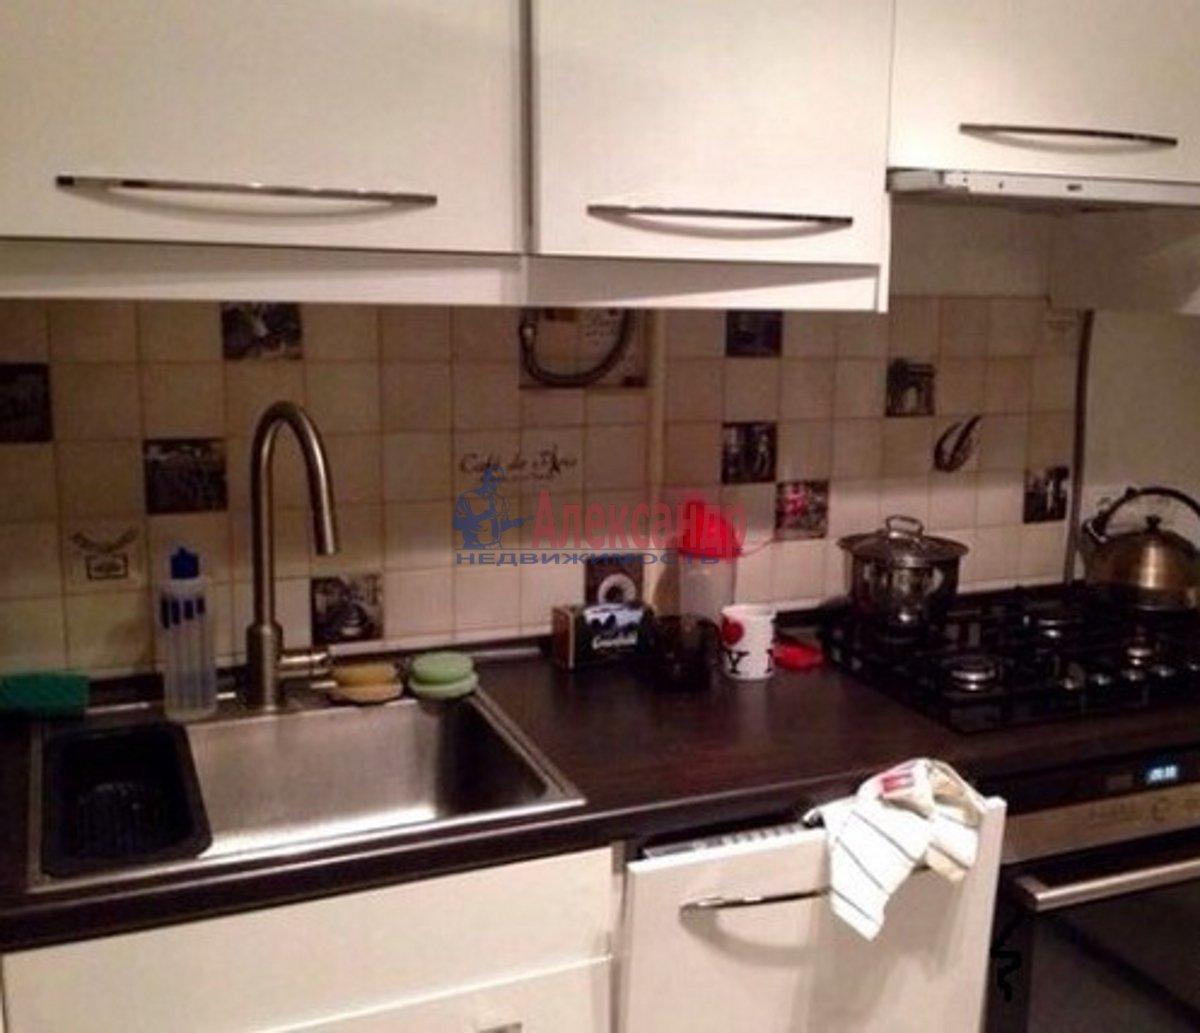 1-комнатная квартира (44м2) в аренду по адресу Авиаконструкторов пр., 47— фото 2 из 2